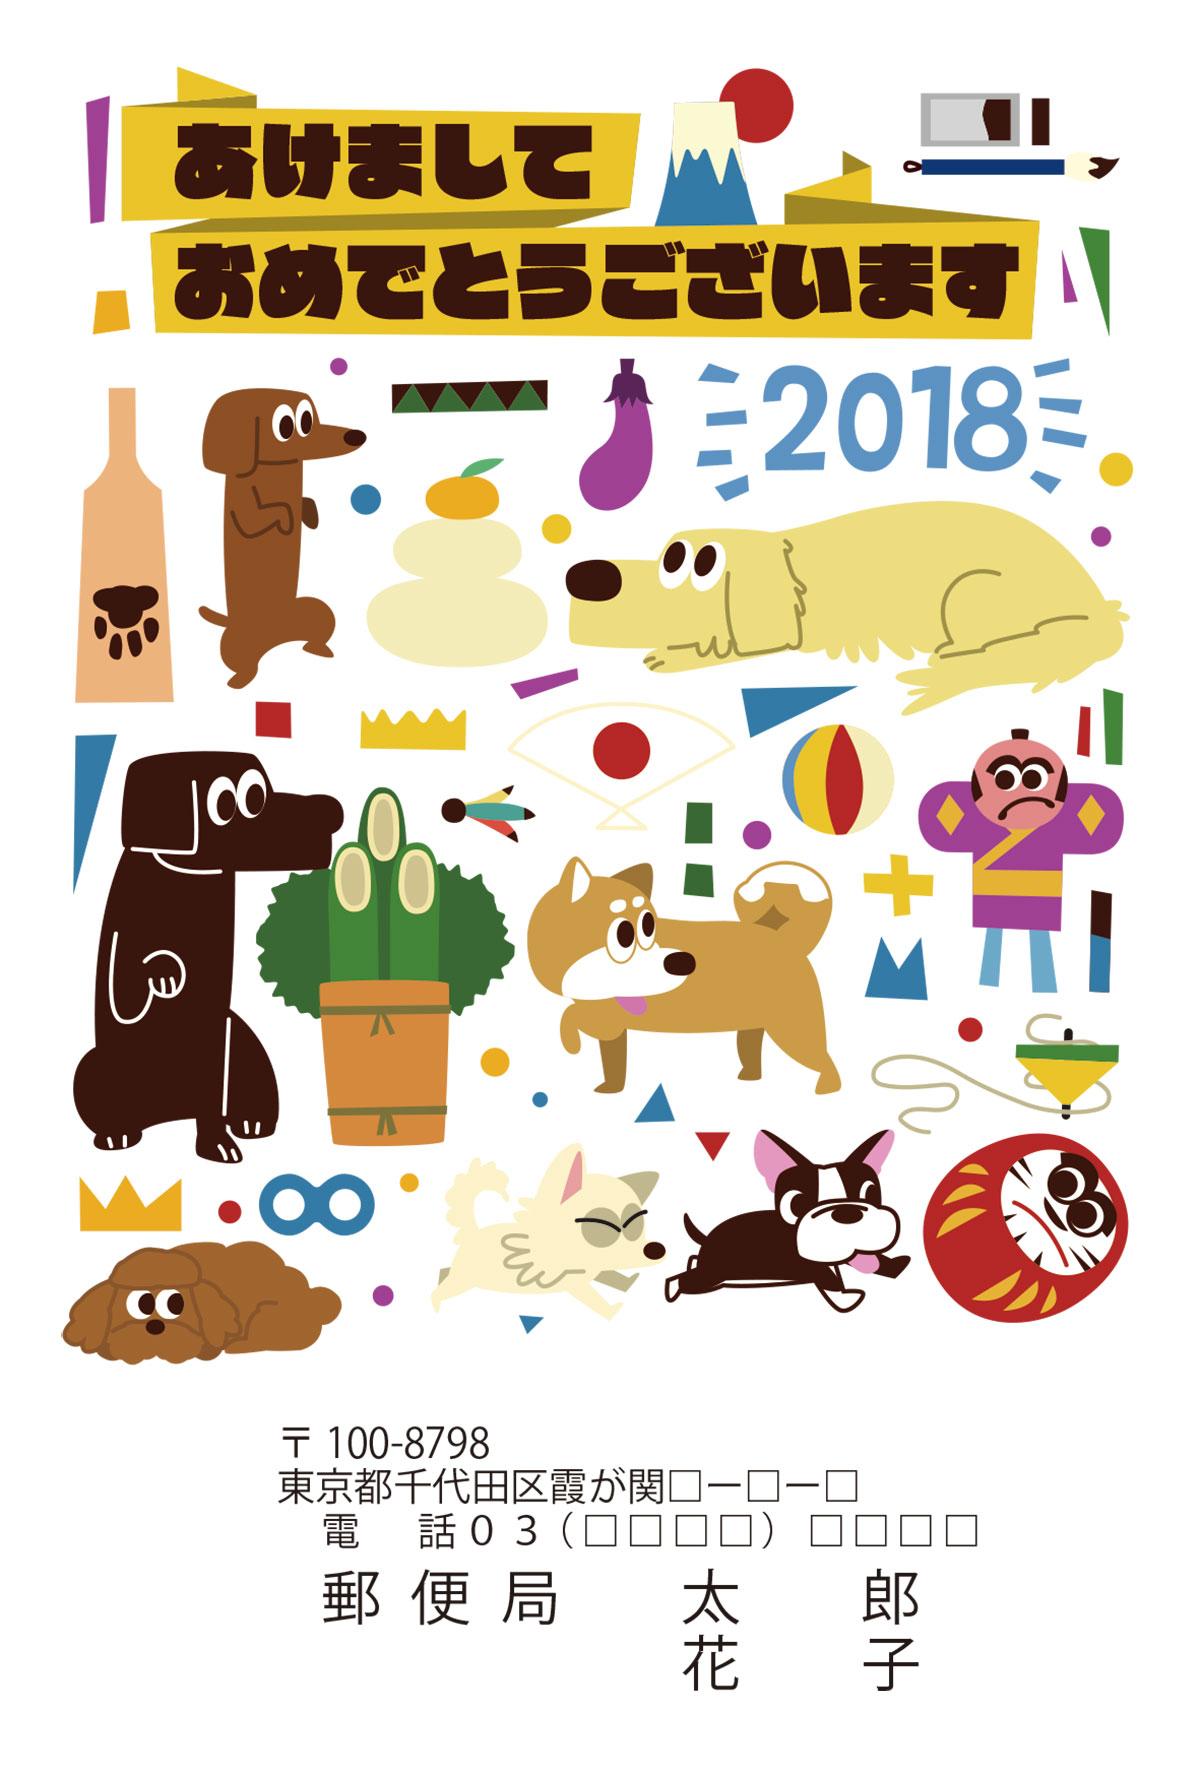 2018年 年賀状デザイン